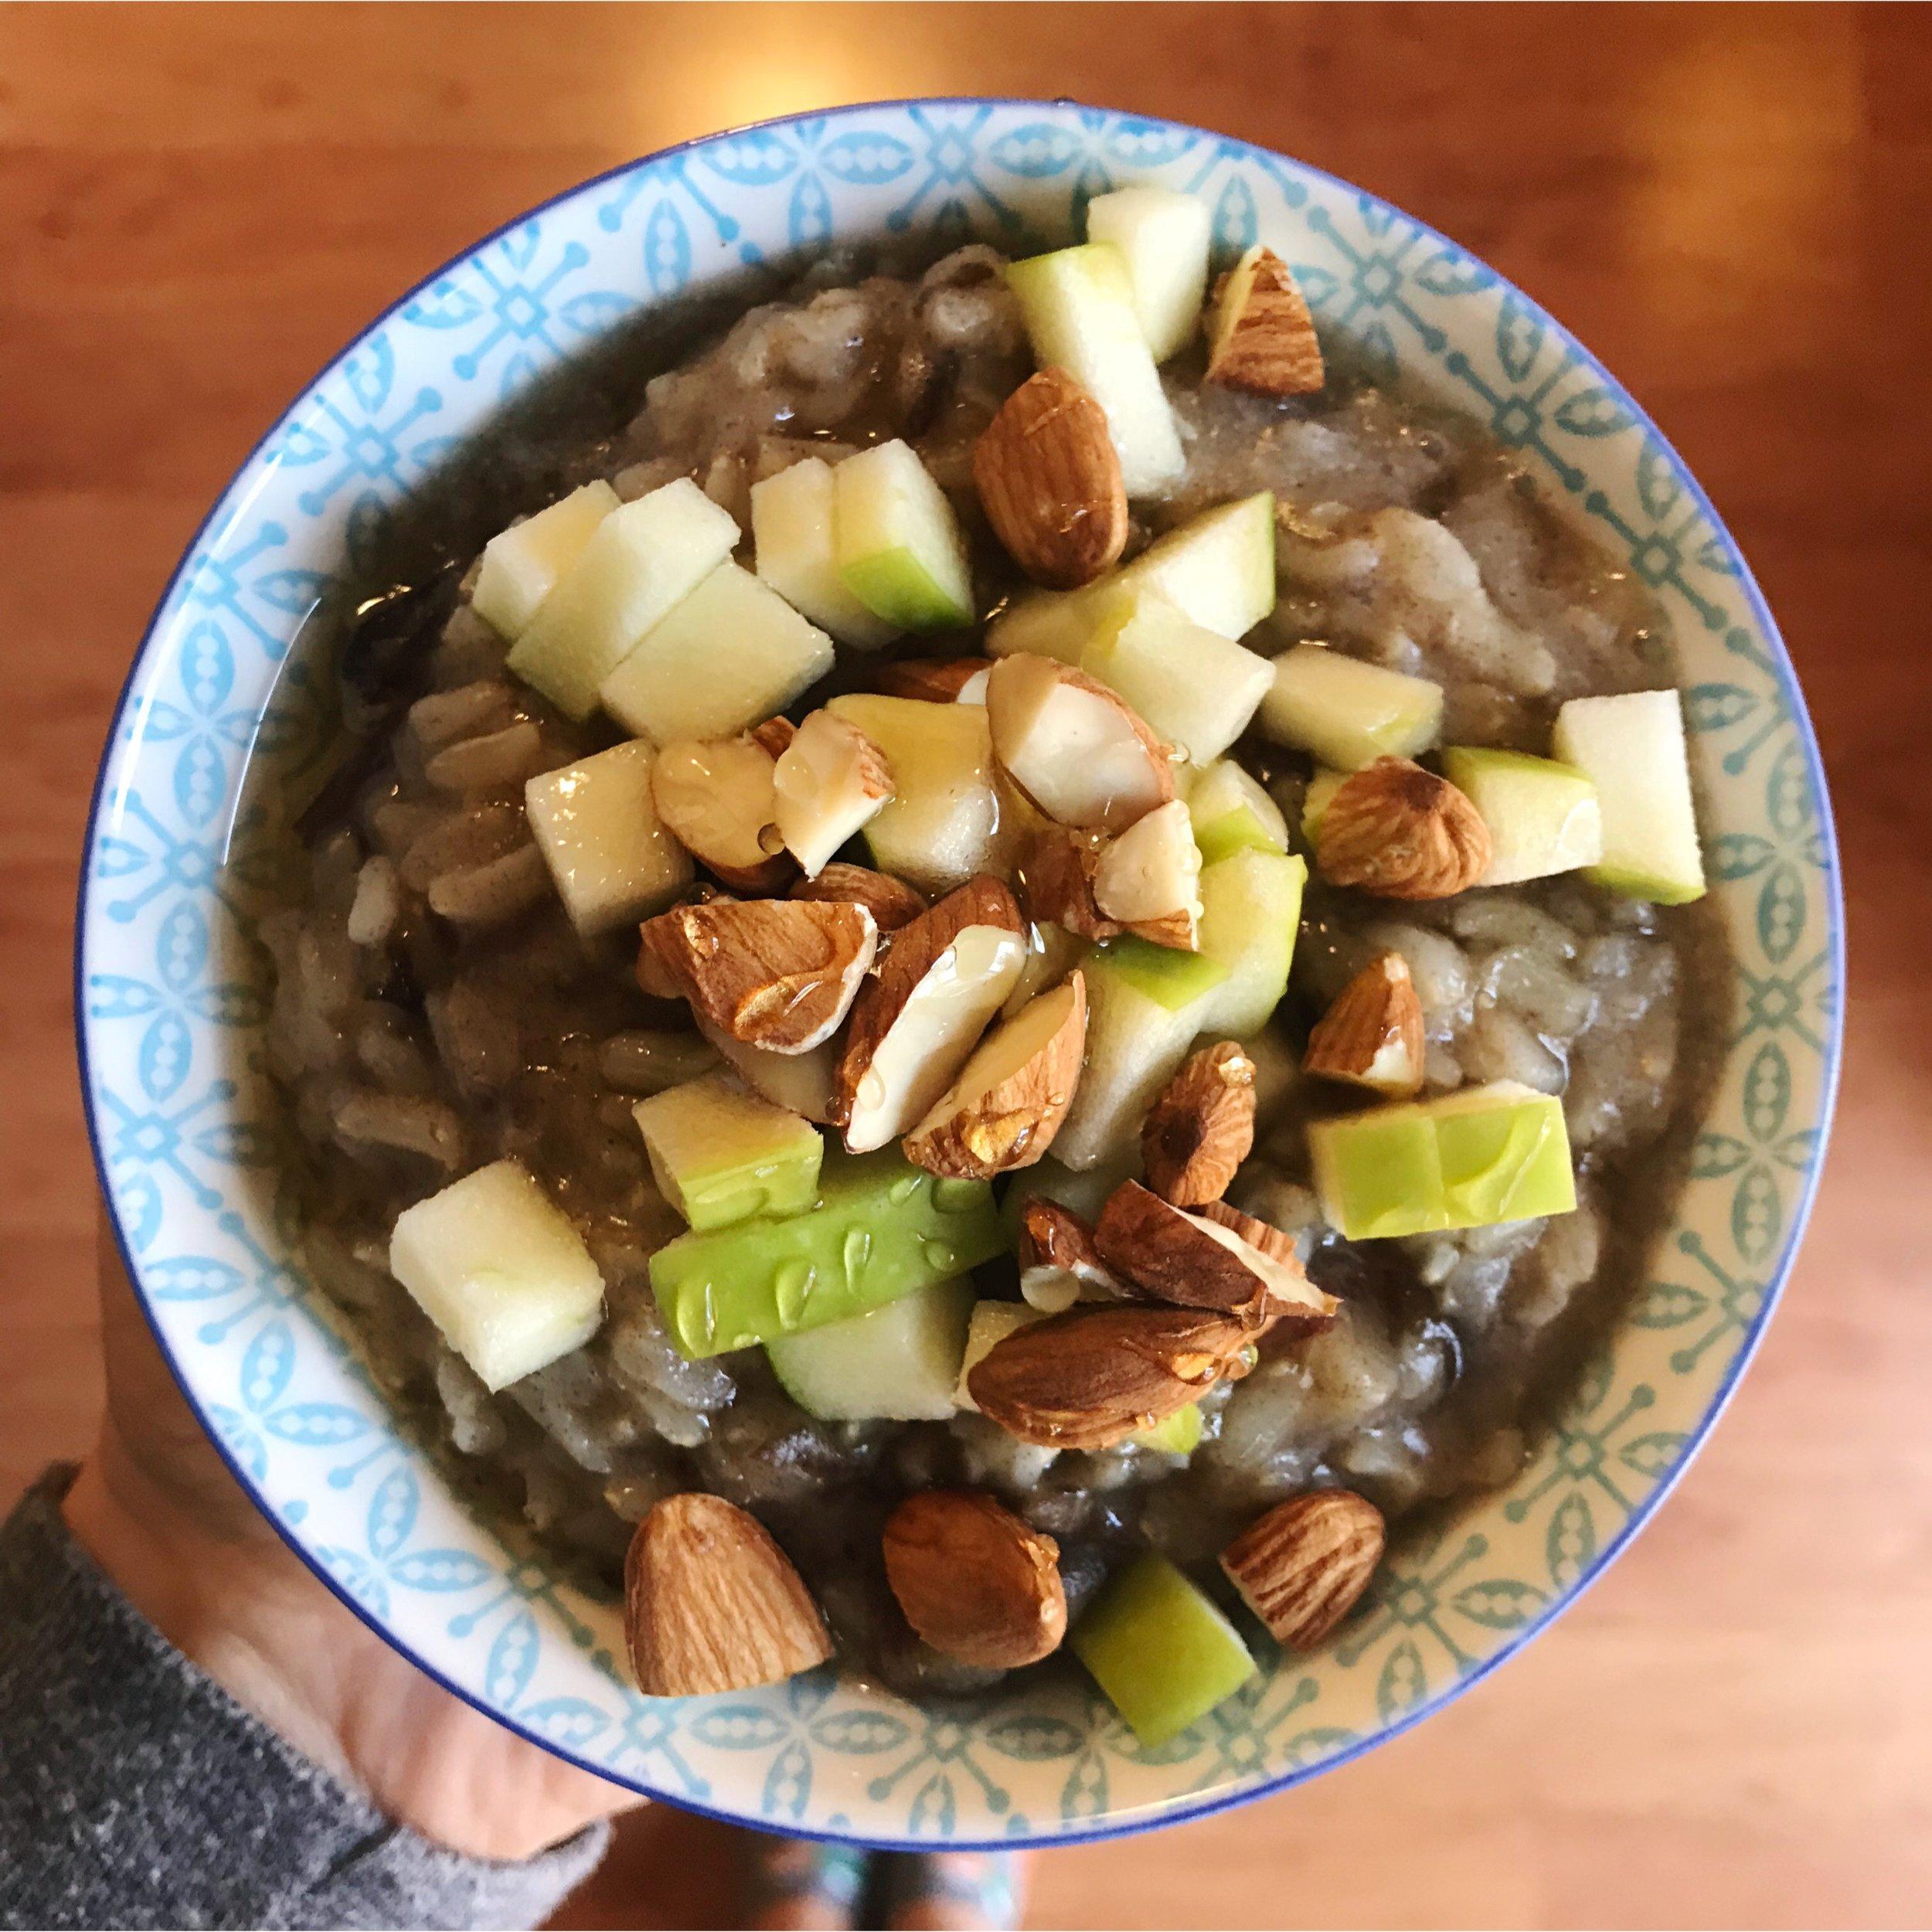 rice porridge w/apples + almonds